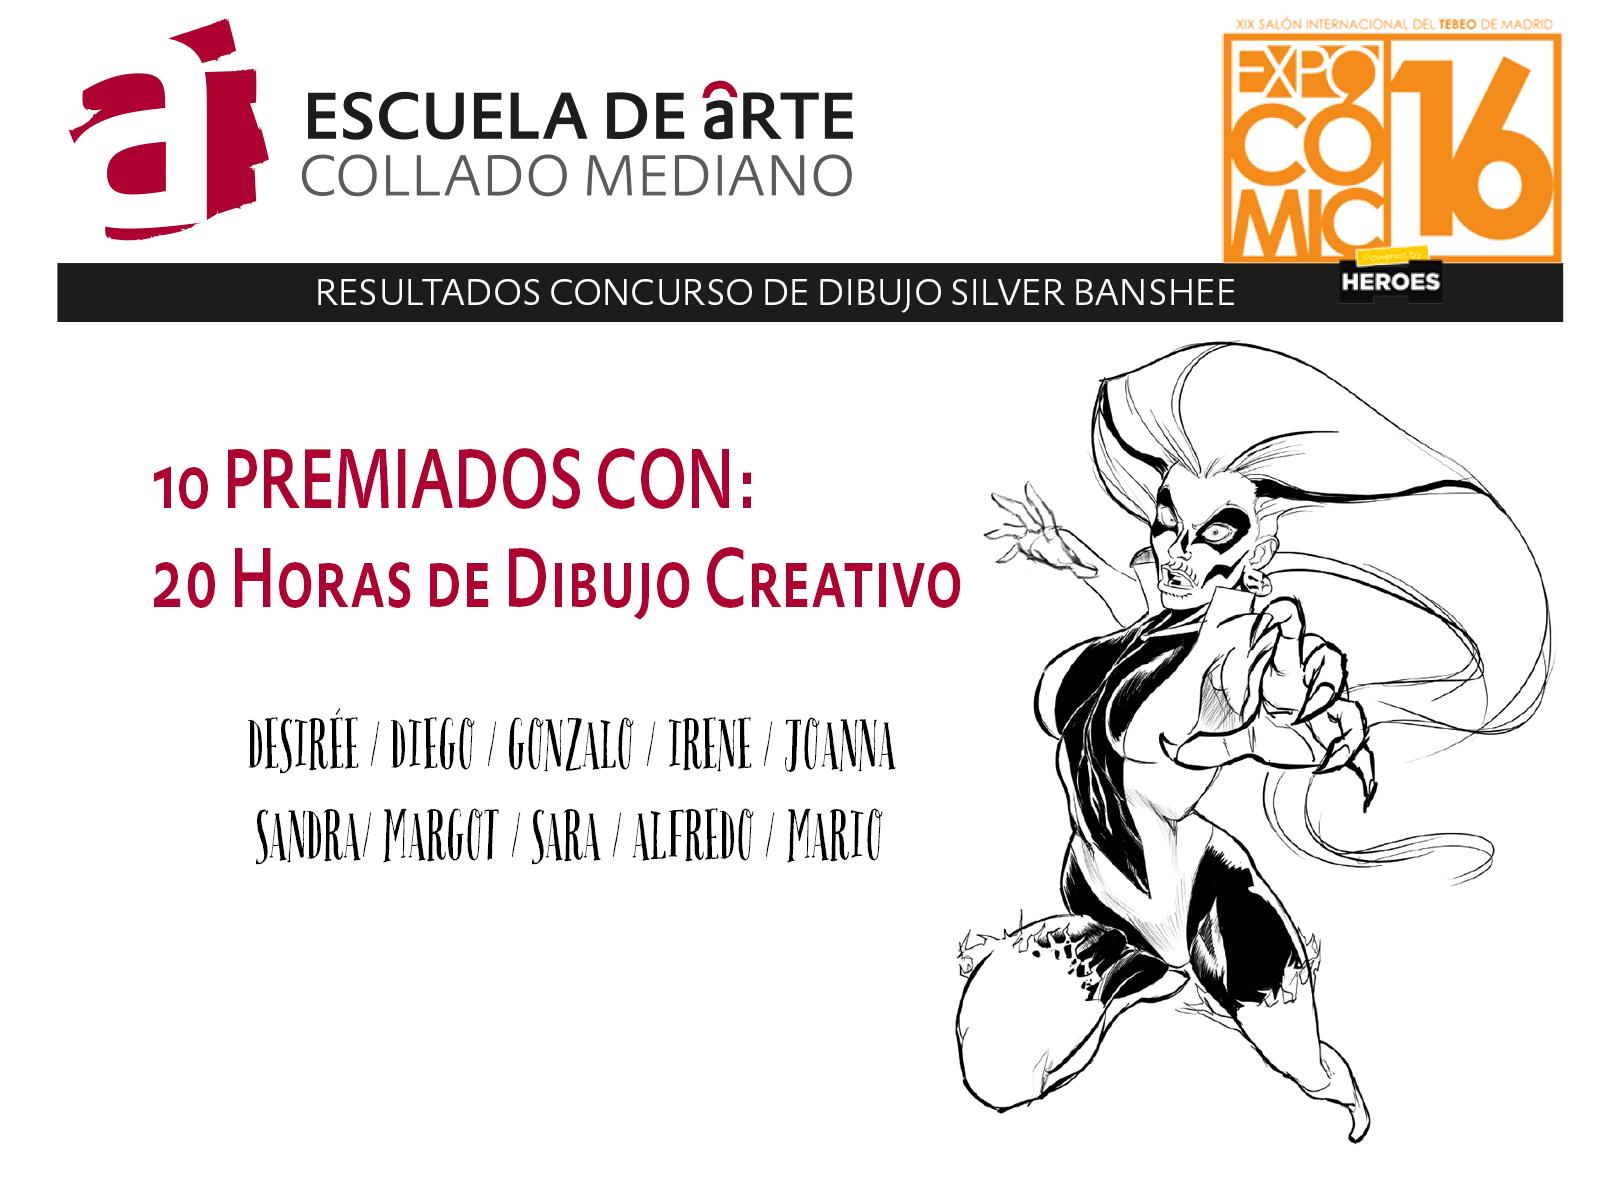 Resultados Concurso de Dibujo  Expocmic 2016  escuela de arte